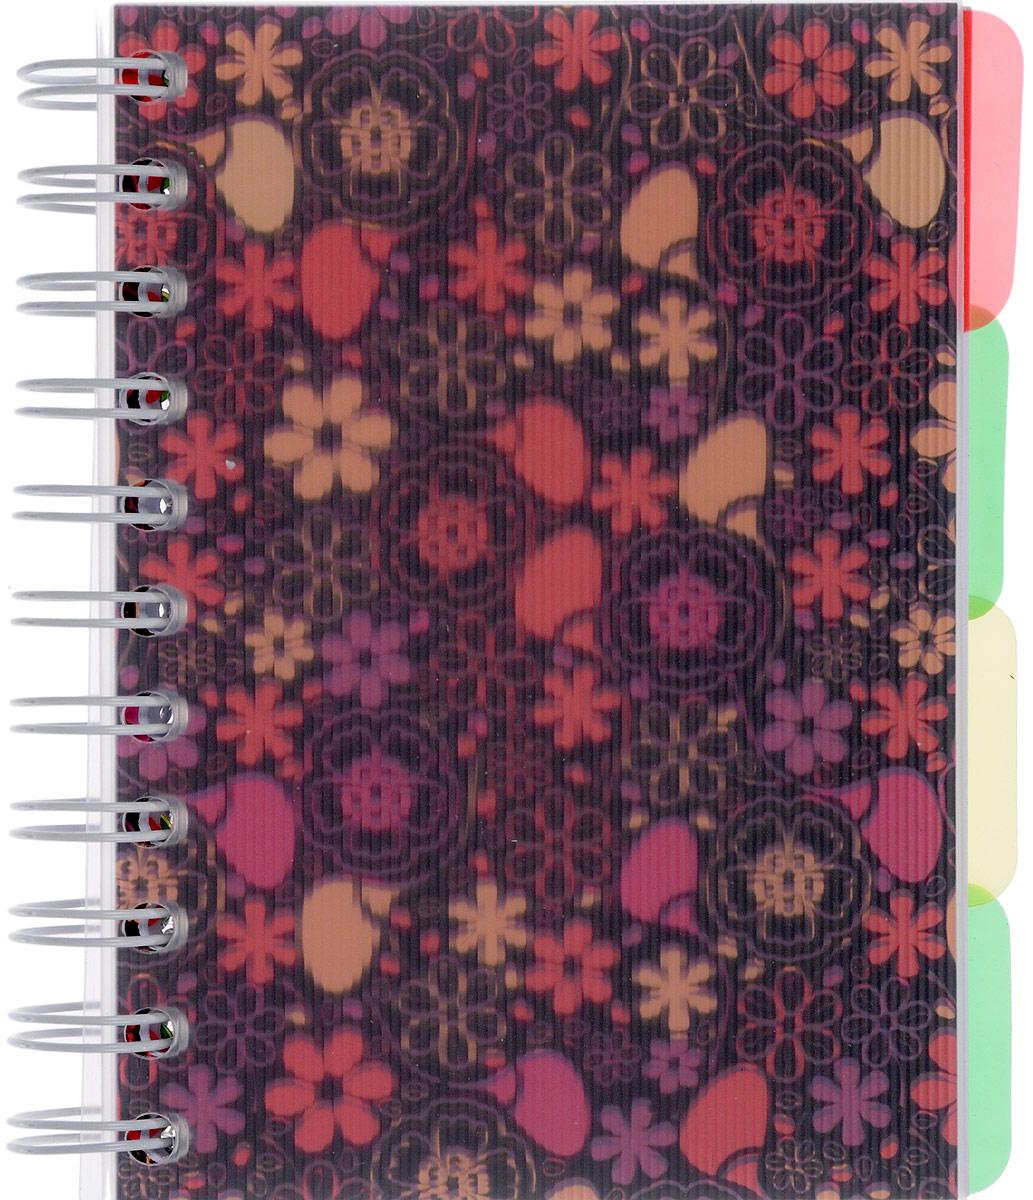 Brauberg Блокнот Кружево 150 листов в клетку цвет коричневый розовый125389_коричневый, розовыйСтильный женственный блокнот Brauberg Кружево с яркой обложкой для активных и энергичных леди.Удобные разделители позволяют лучше ориентироваться в записях, а пластиковая обложка защищает внутренний блок от износа и деформации.